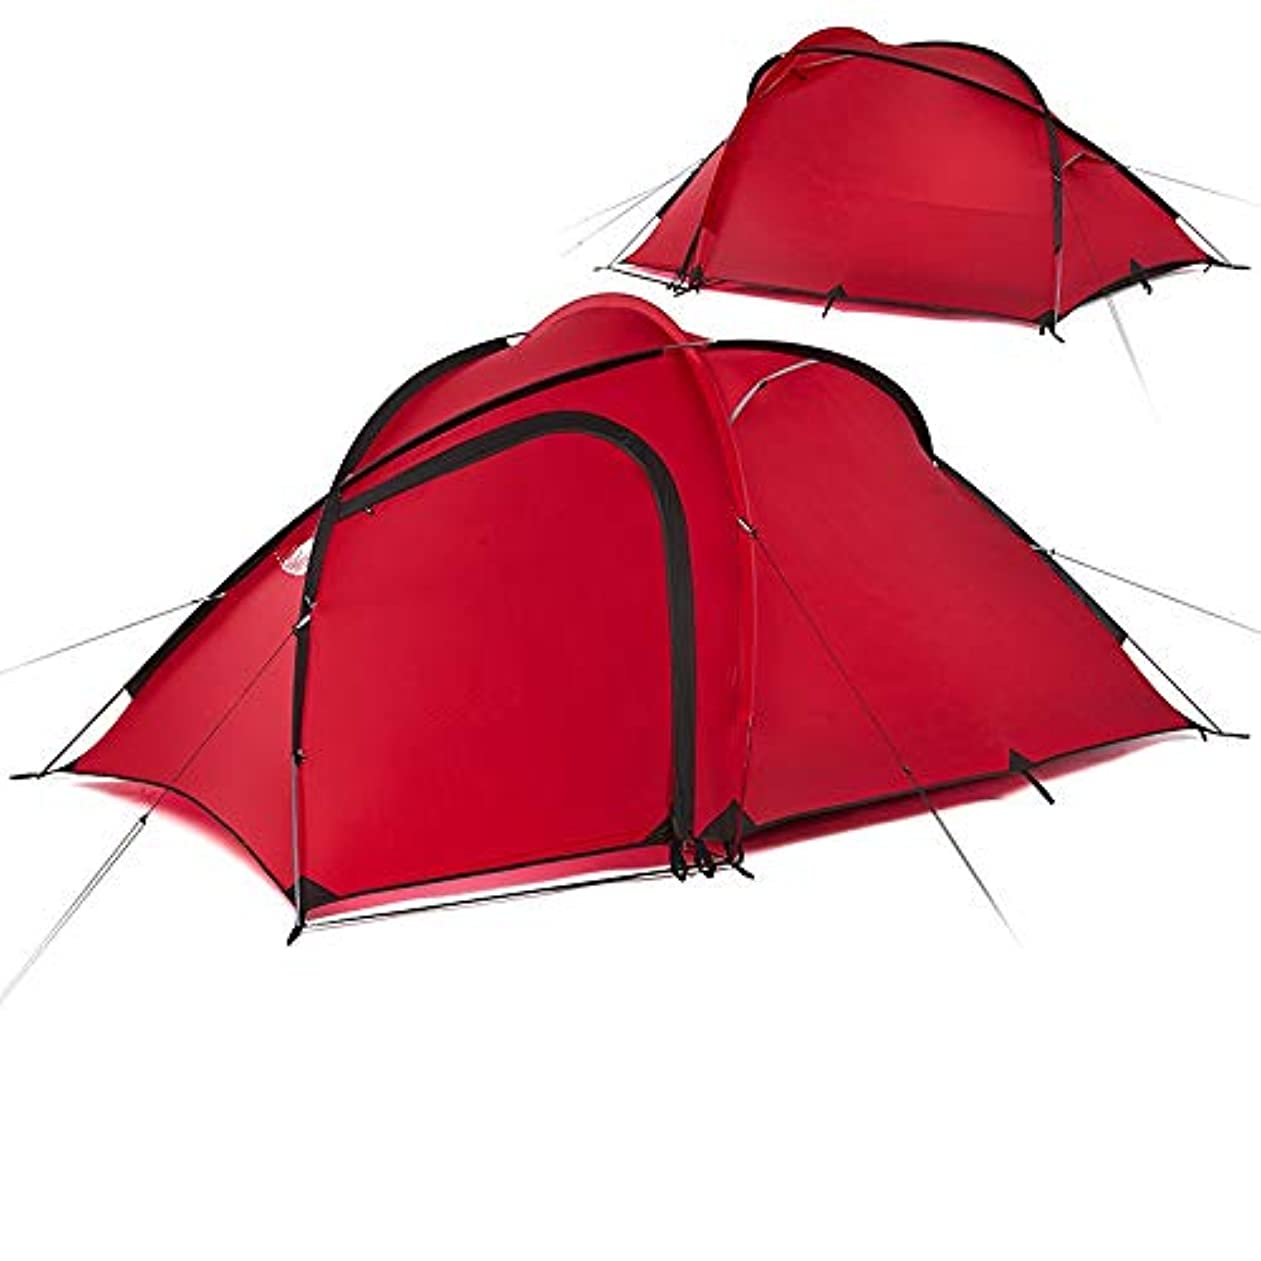 内陸希少性中級2人3人紫外線カット防水軽量テント三日月ドームテント (Color : レッド, Size : One Size)